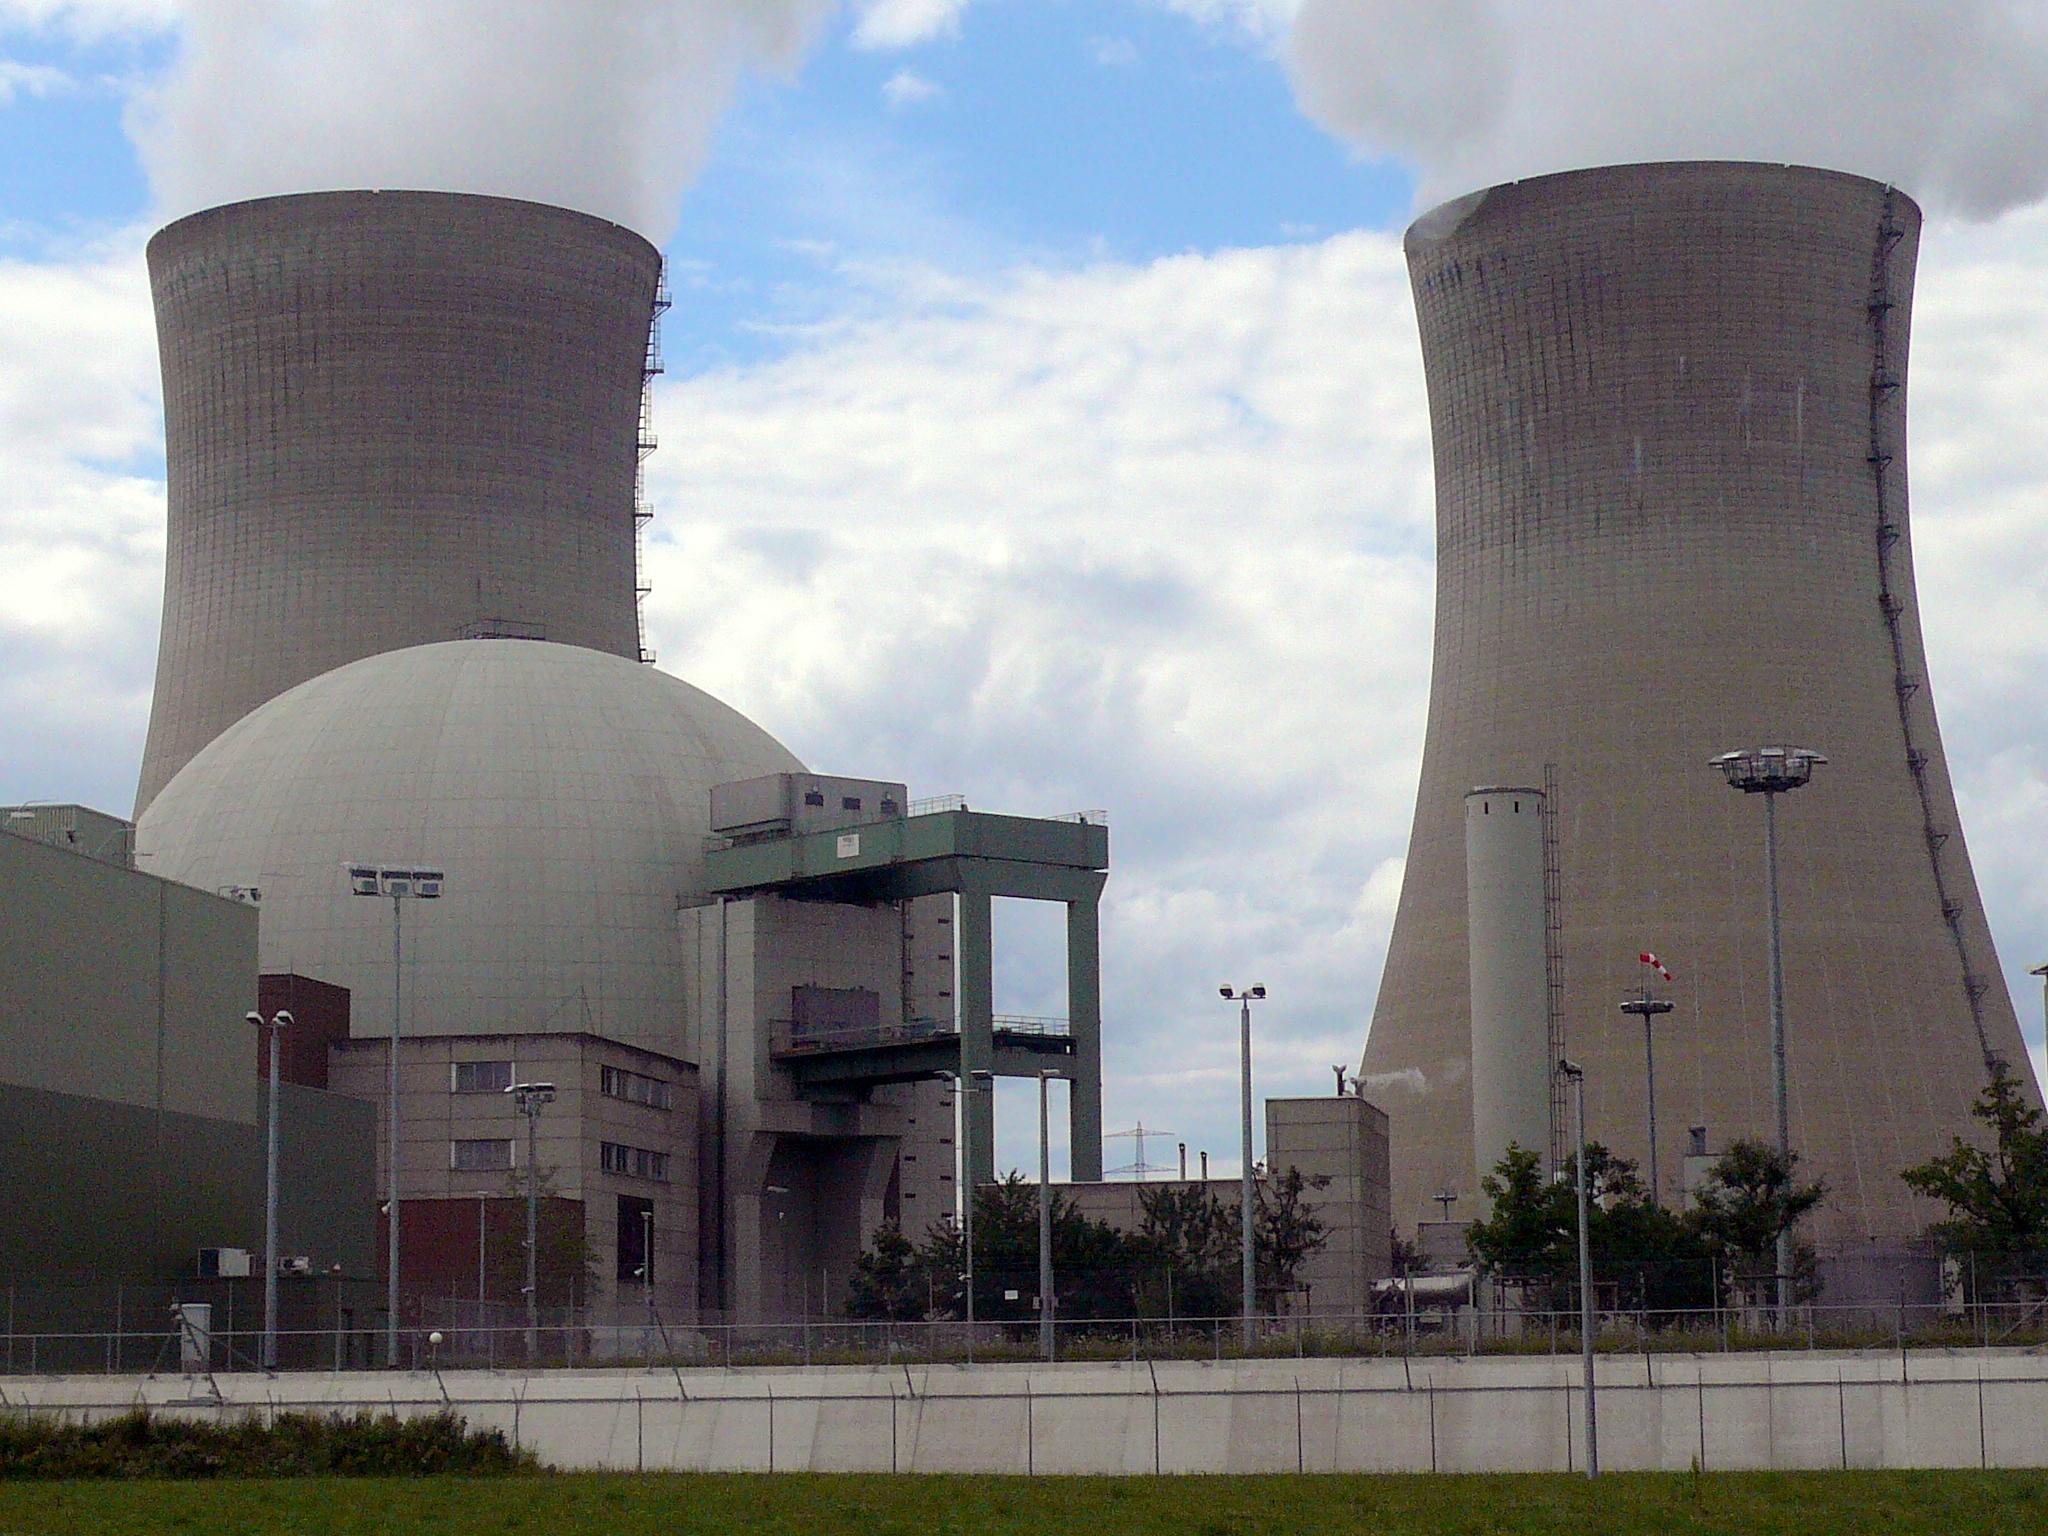 Německo vyřadilo z provozu svoji nejstarší jadernou elektrárnu